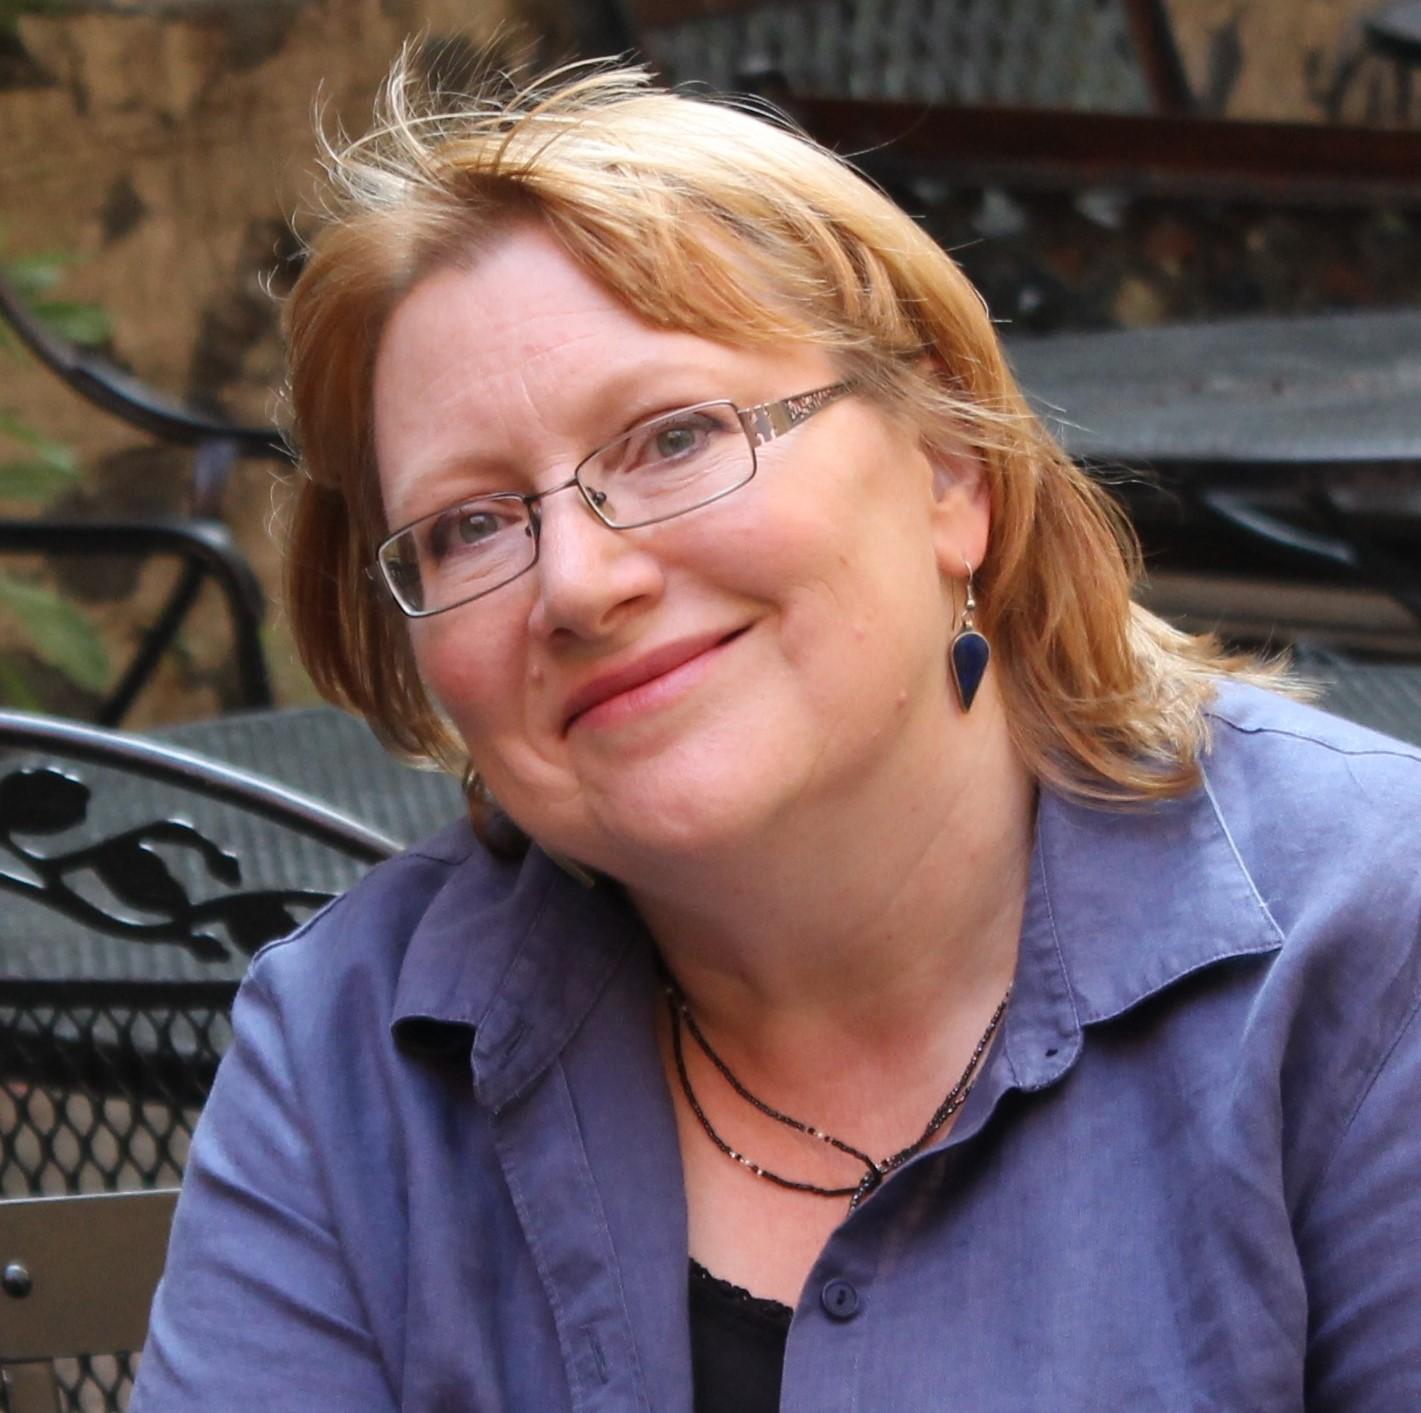 Andrea Haring